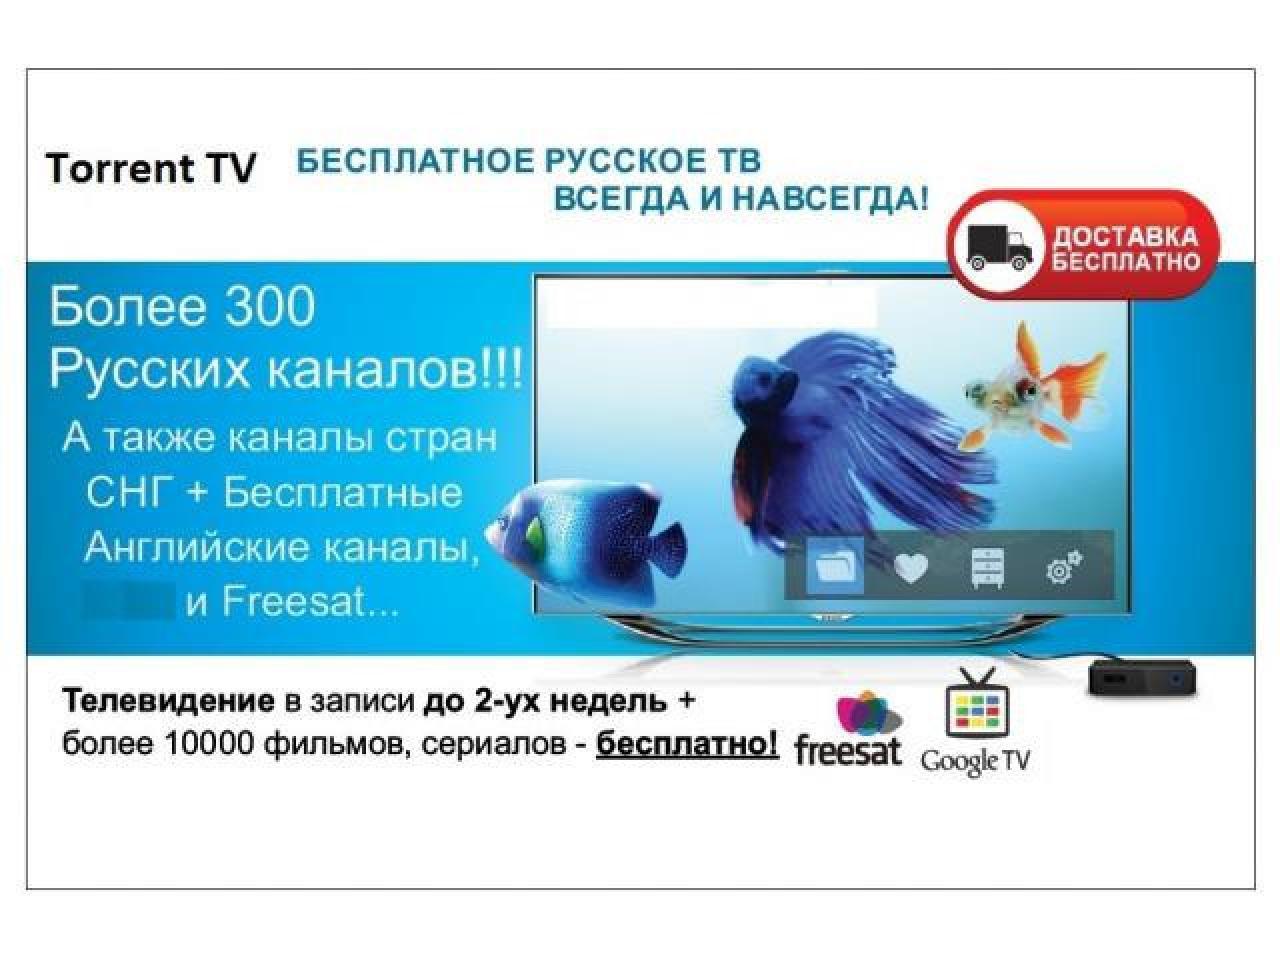 Русское телевидение, кино, сериалы на вашем ТВ возможно Бесплатно с помощью приставок Droidbox!!! - 3